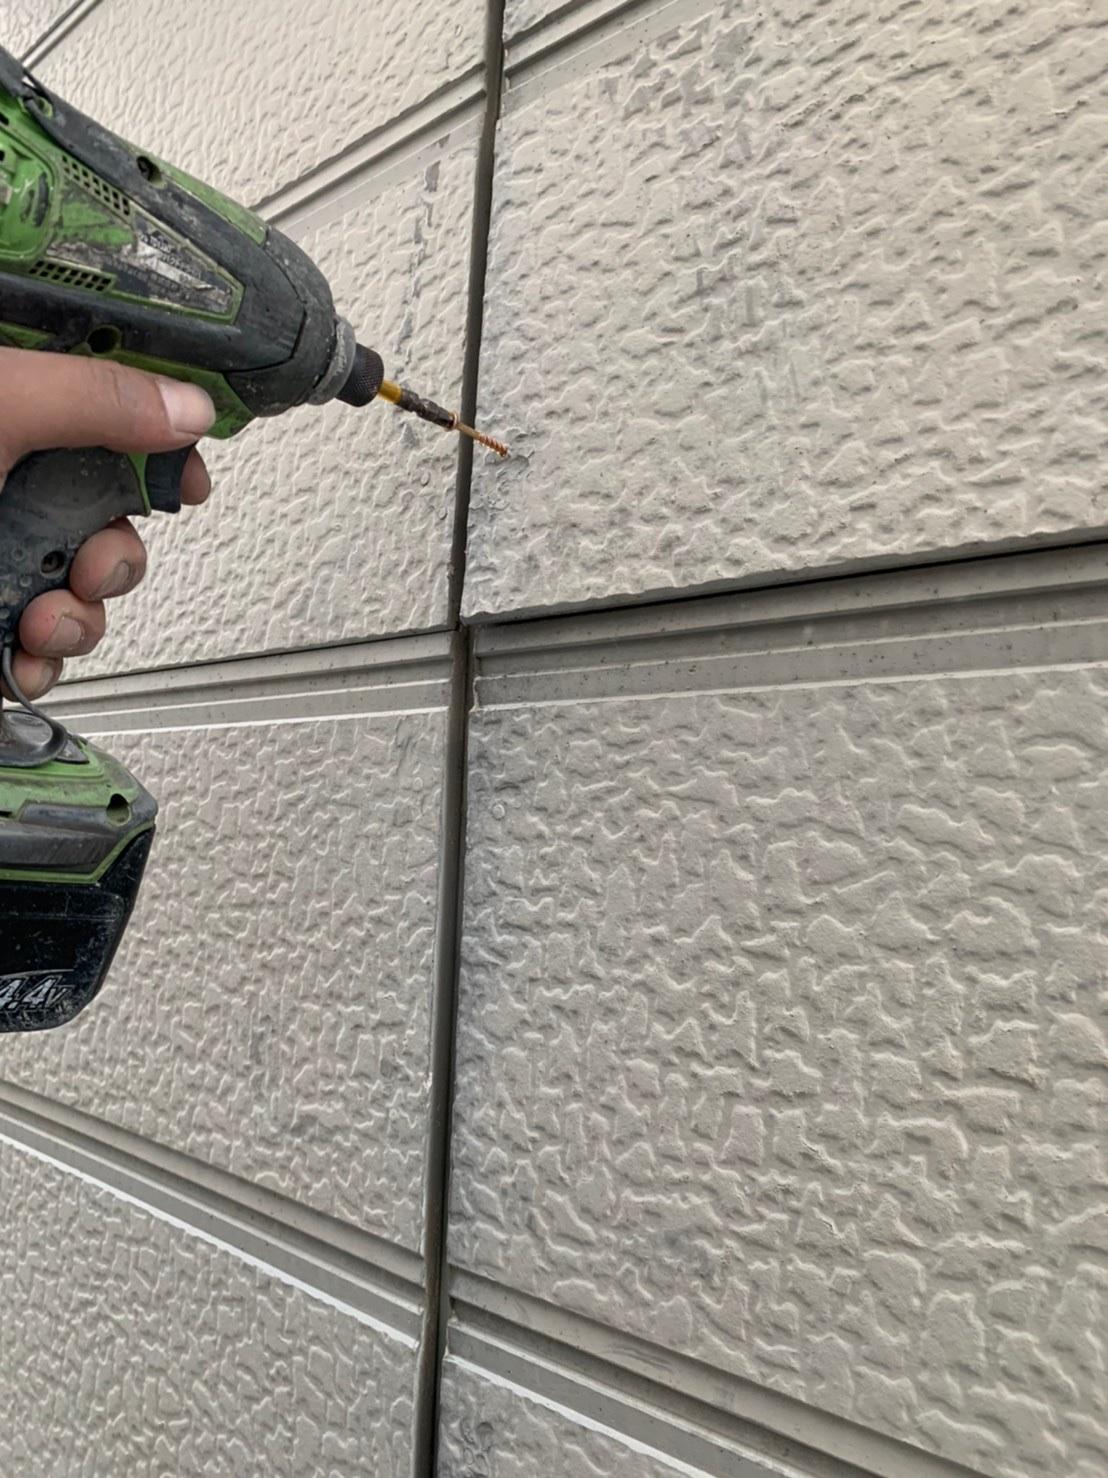 茨木・高槻の外壁屋根塗装防水YJリフォームサイディング押さえ@高槻市北大樋町